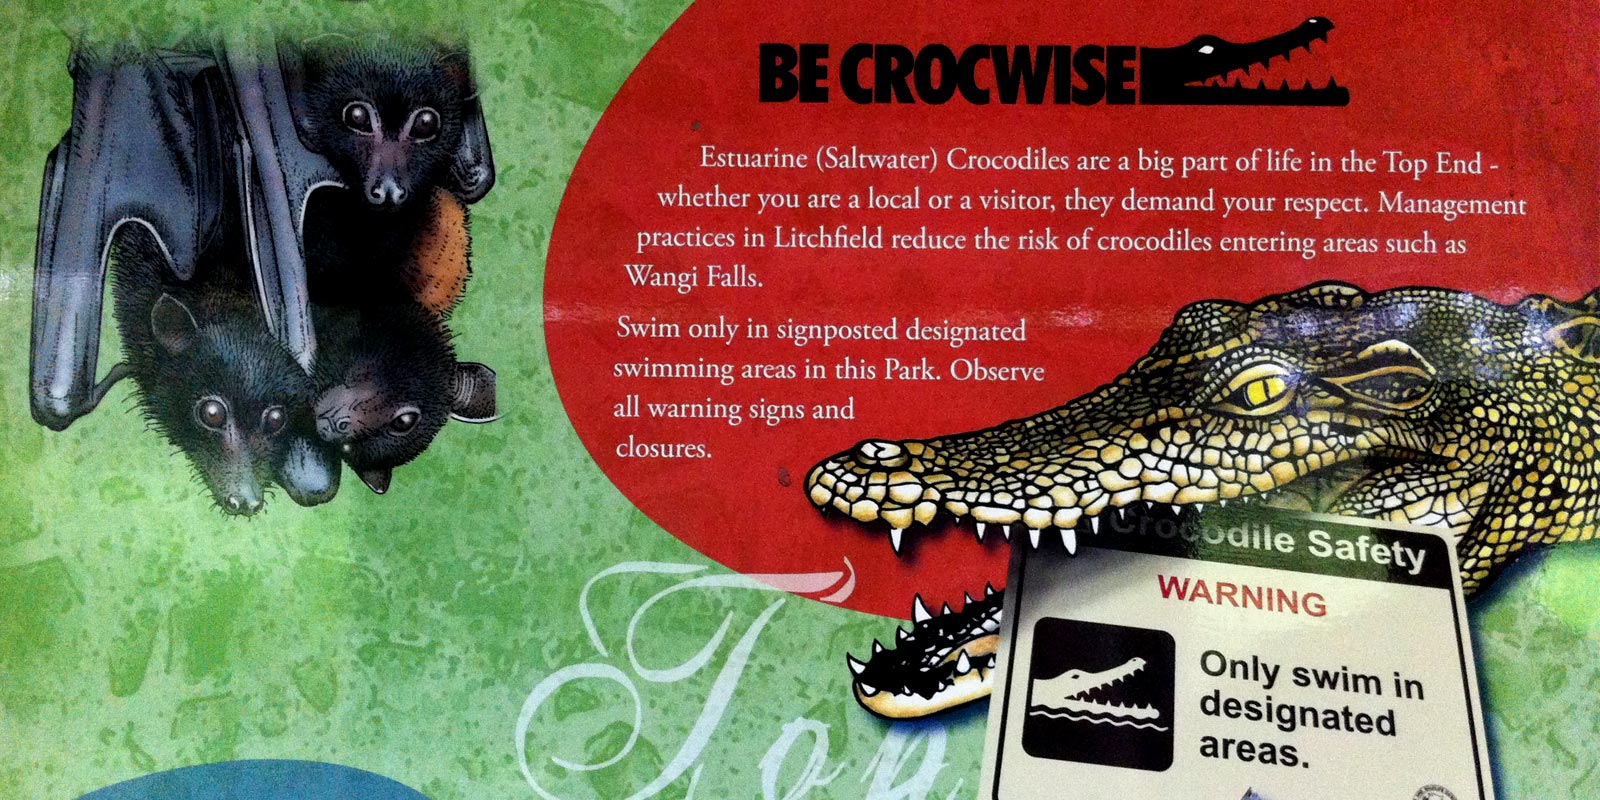 Be crocwise! Un tuffo nelle Buley Rockholes in mezzo… ai coccodrilli